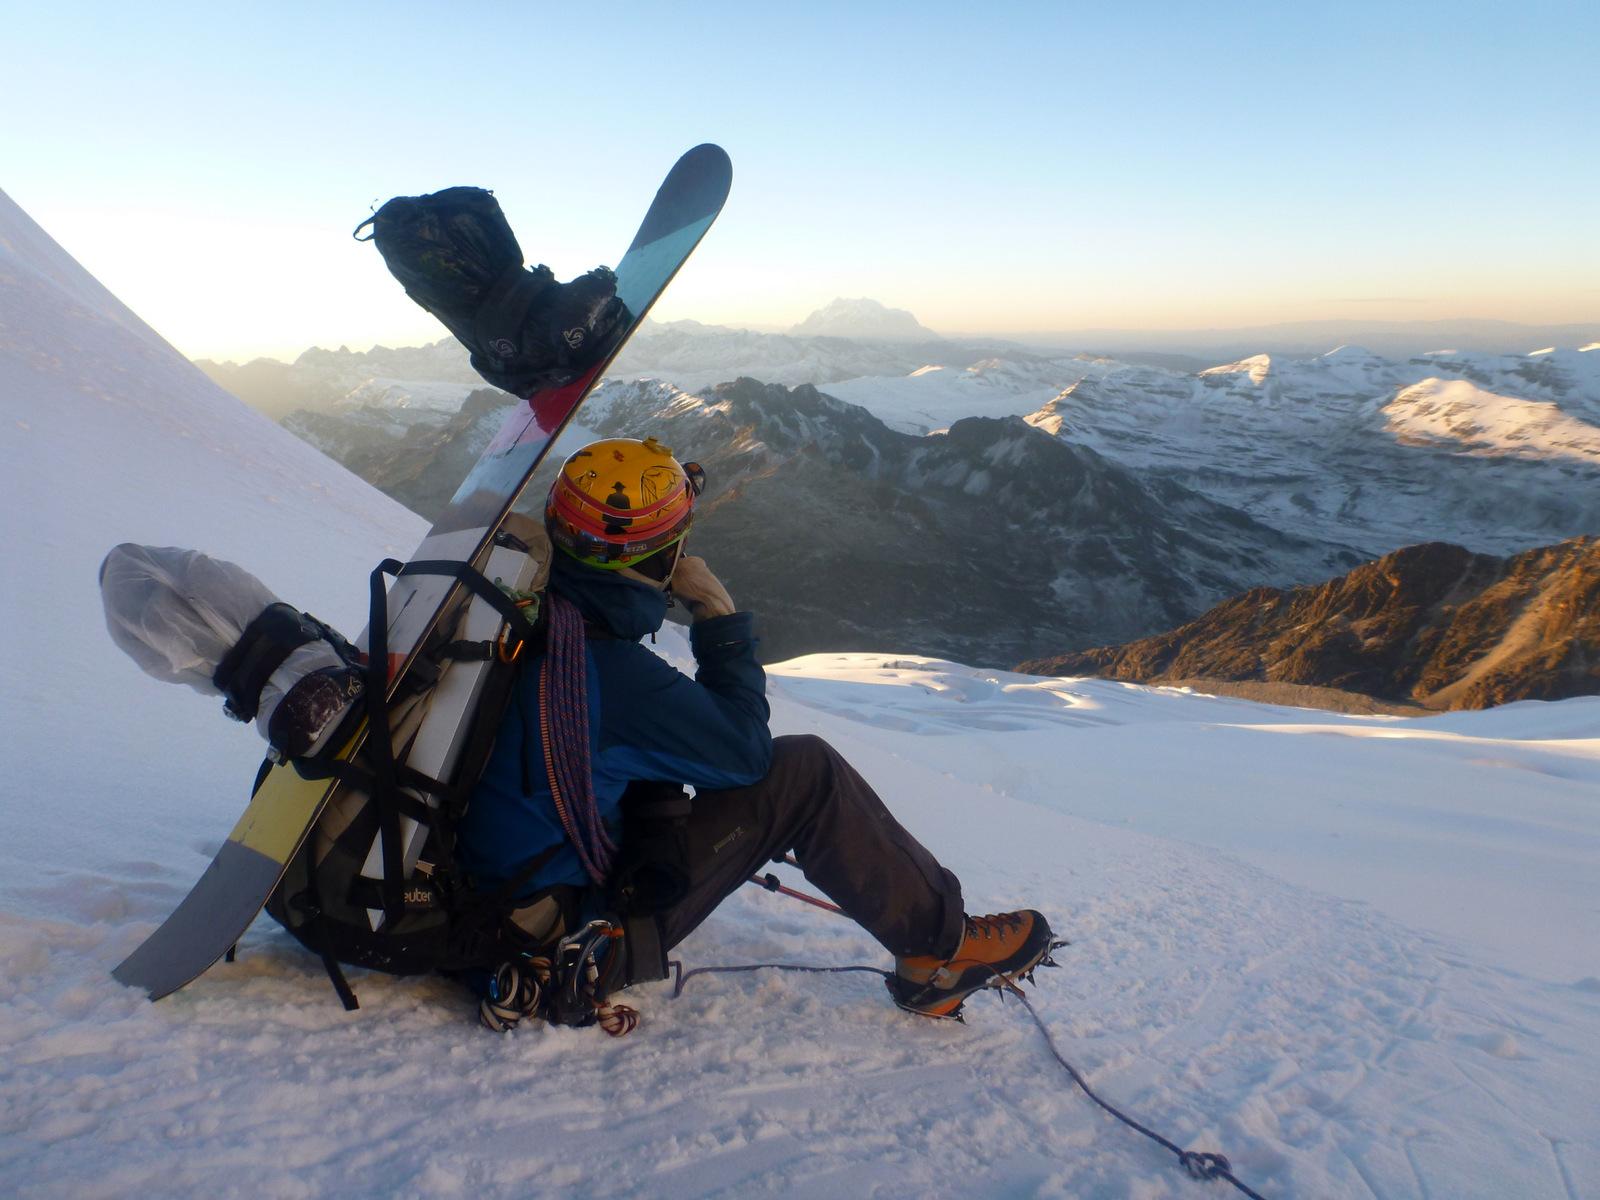 Snowboard pour le Huayna Potosi